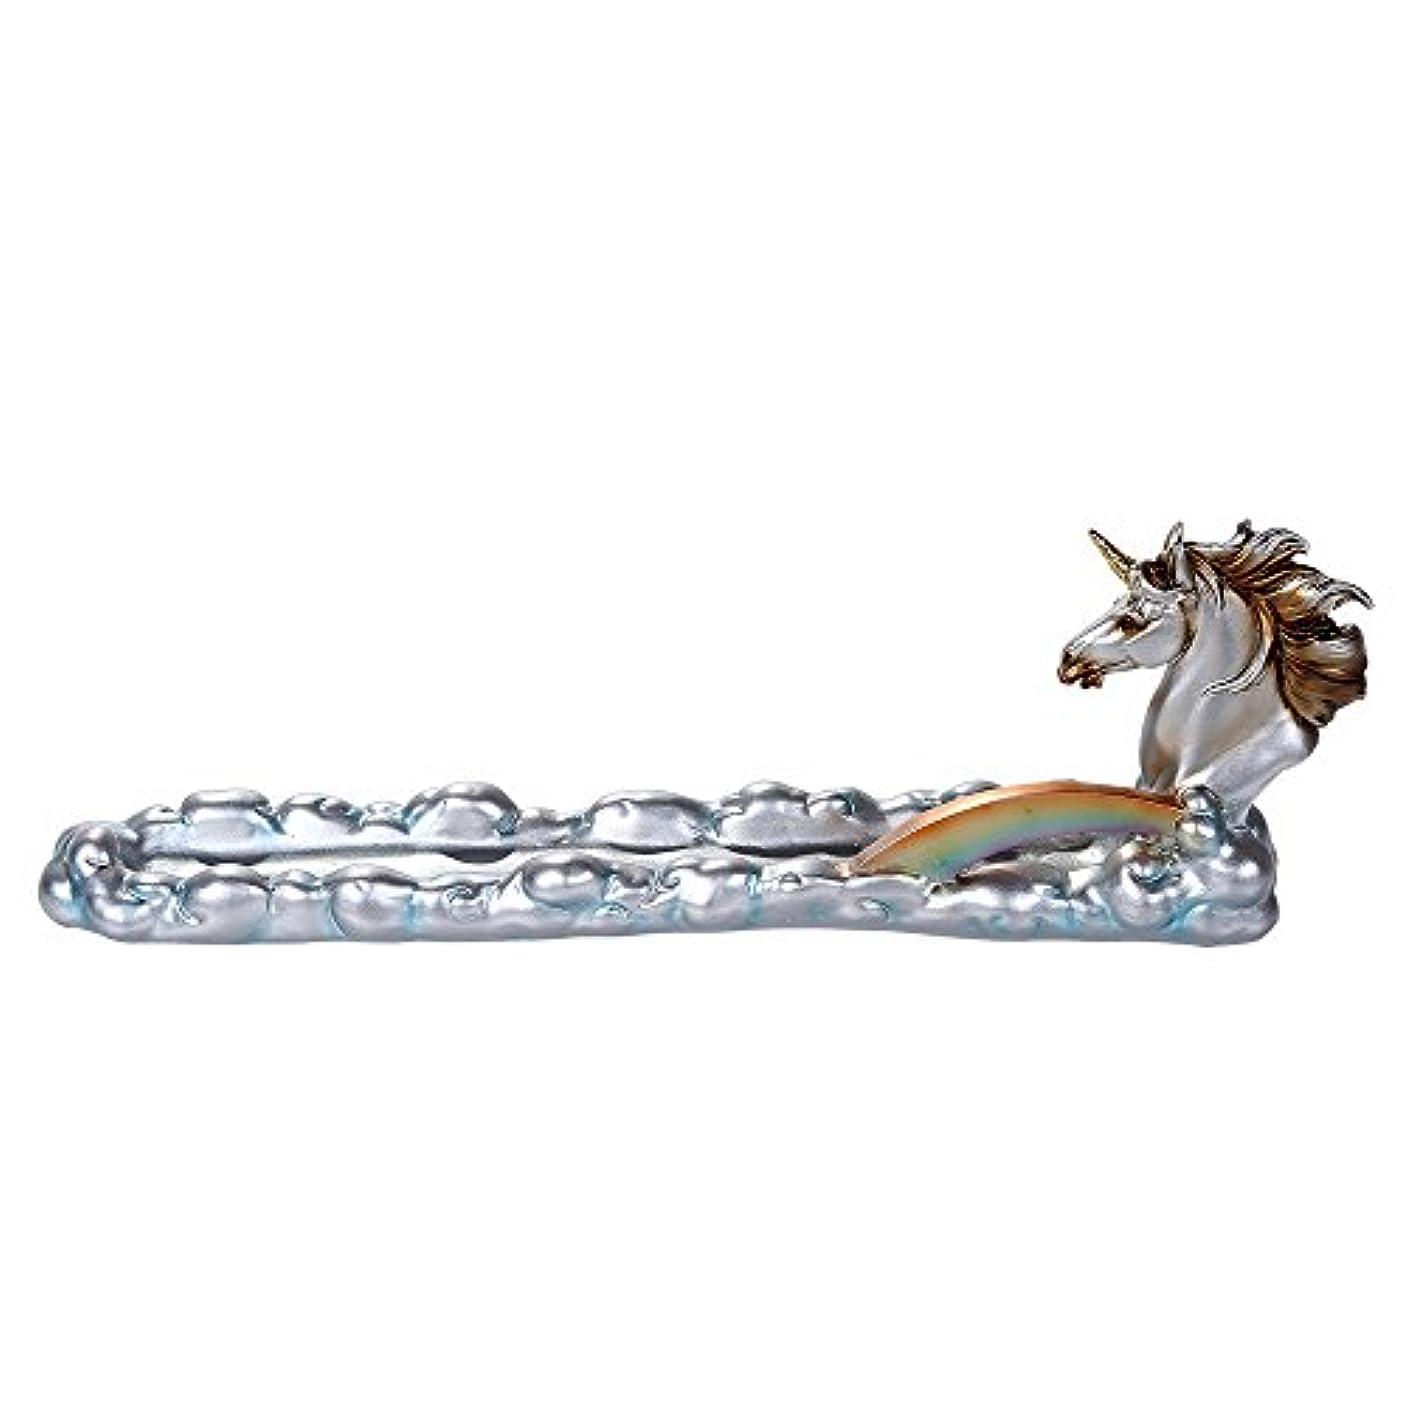 ミニチュア思い出す削るファンタジーWonderlandユニコーンoverカラフルなレインボーブリッジStick Incense Holder 12インチL